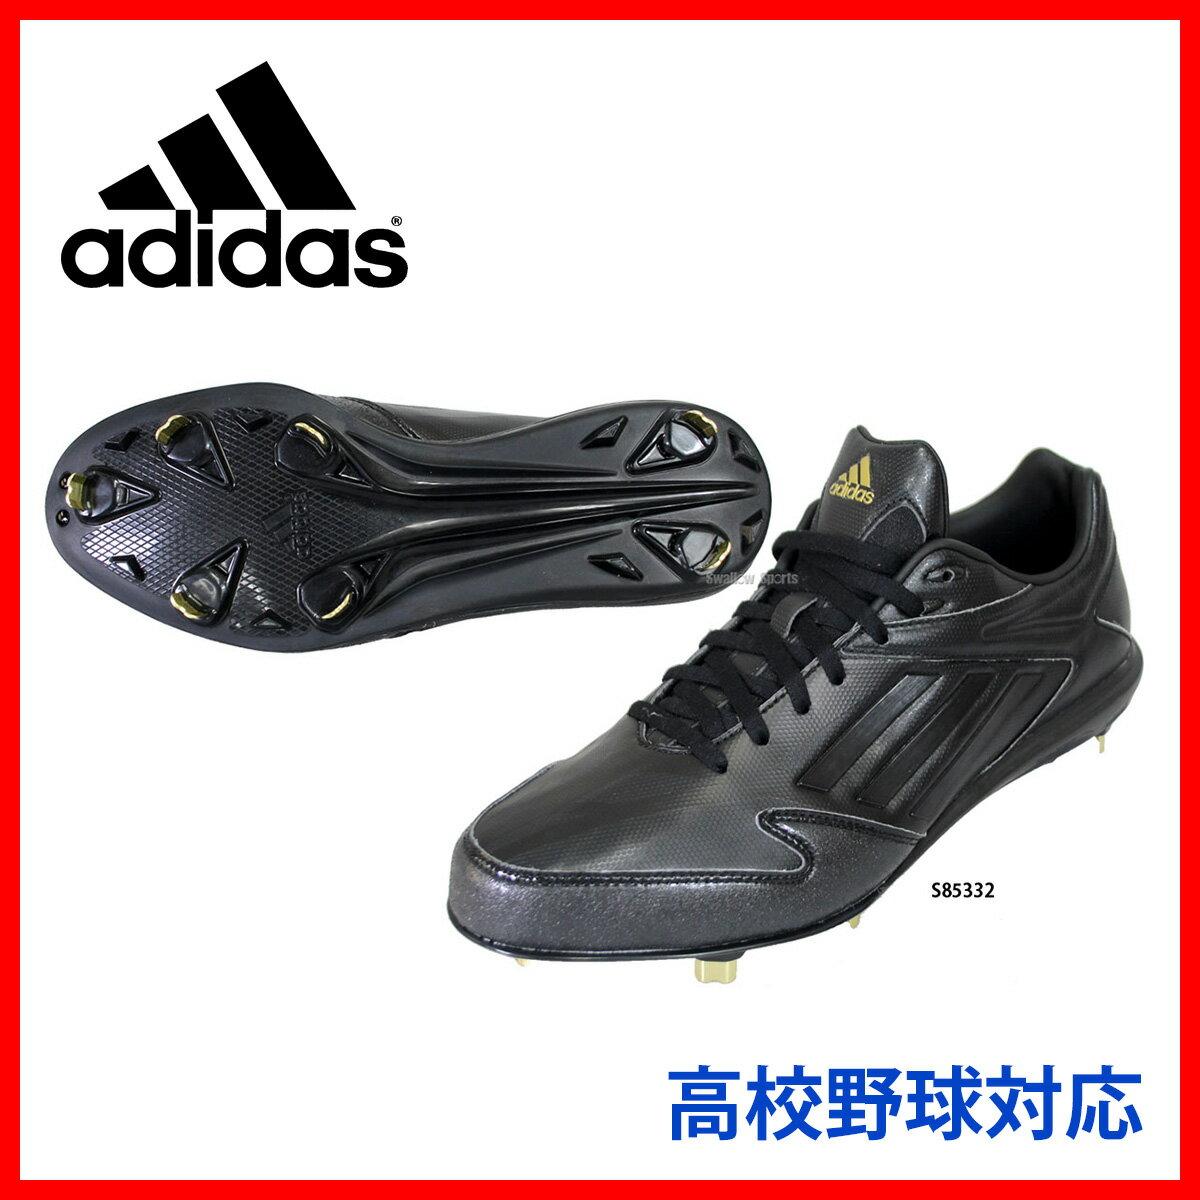 【あす楽対応】 adidas アディダス 樹脂底 金具 スパイク JYM04 S85332 adizero 5 Low 【Sale】 野球用品 スワロースポーツ